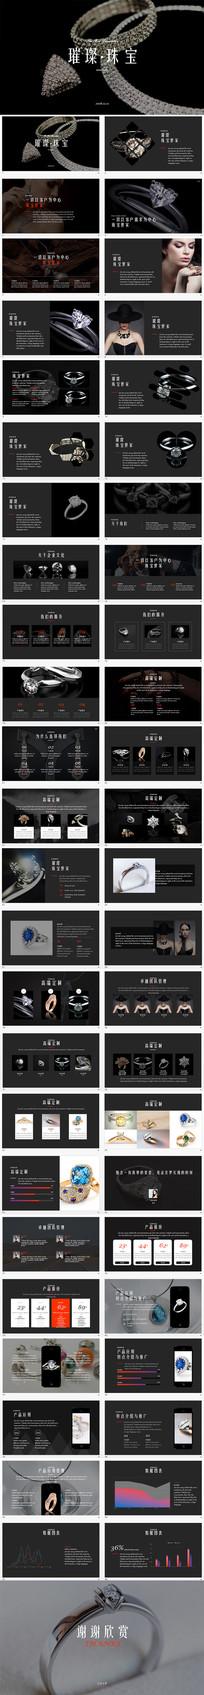 珠宝品牌公司介绍PPT模板